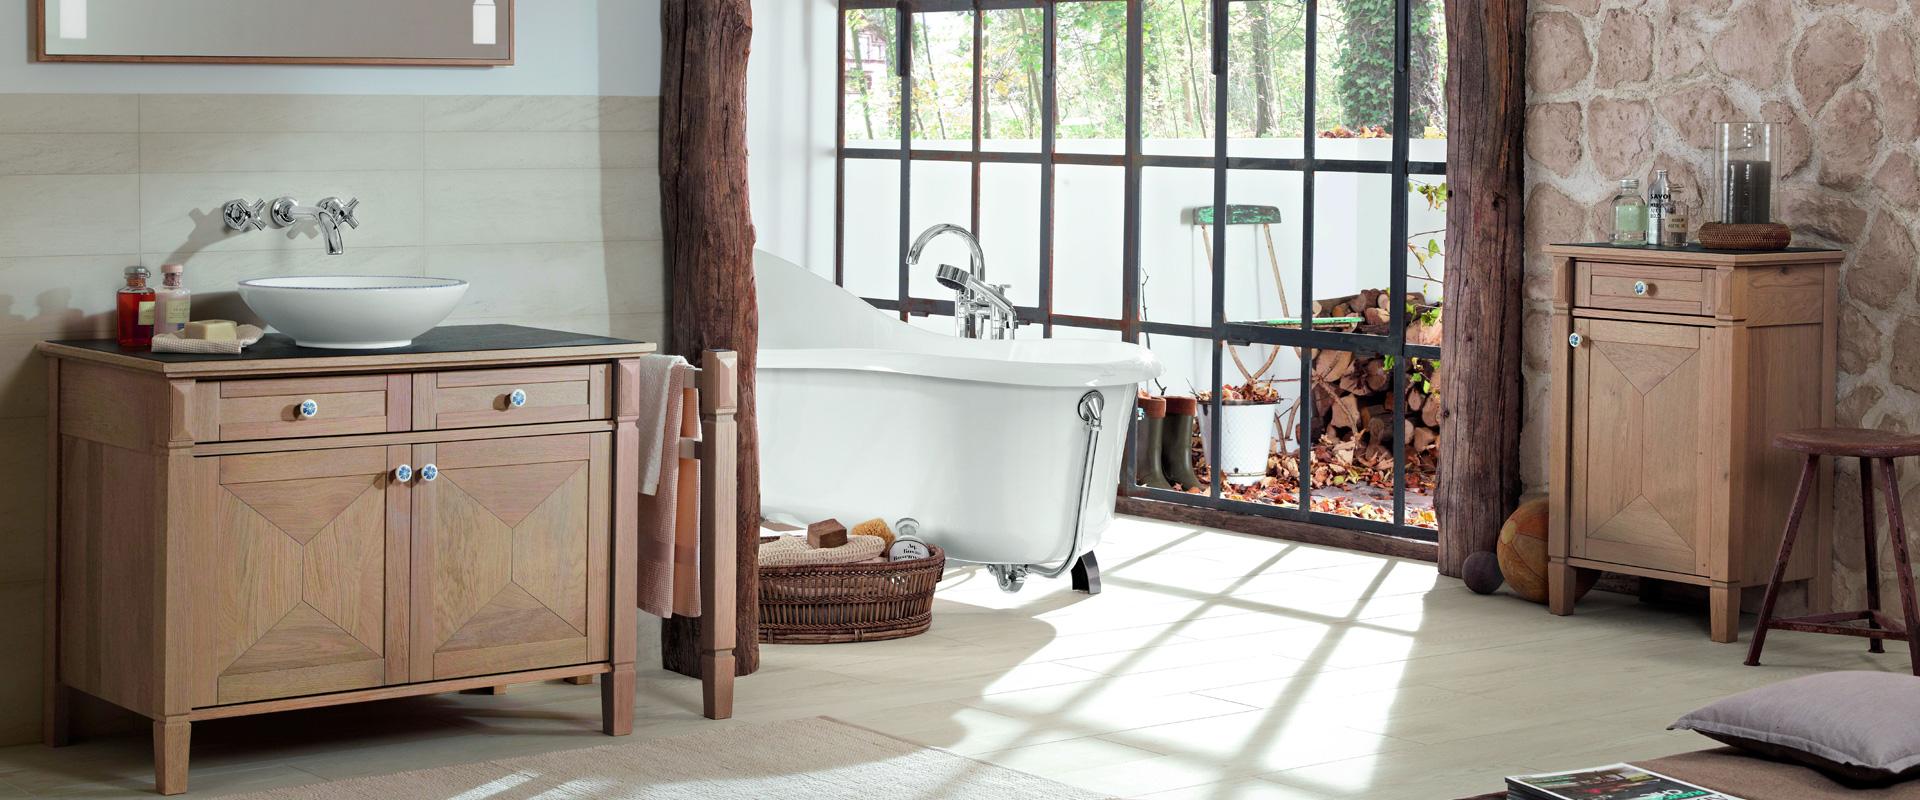 meuble salle de bain en bois entretien